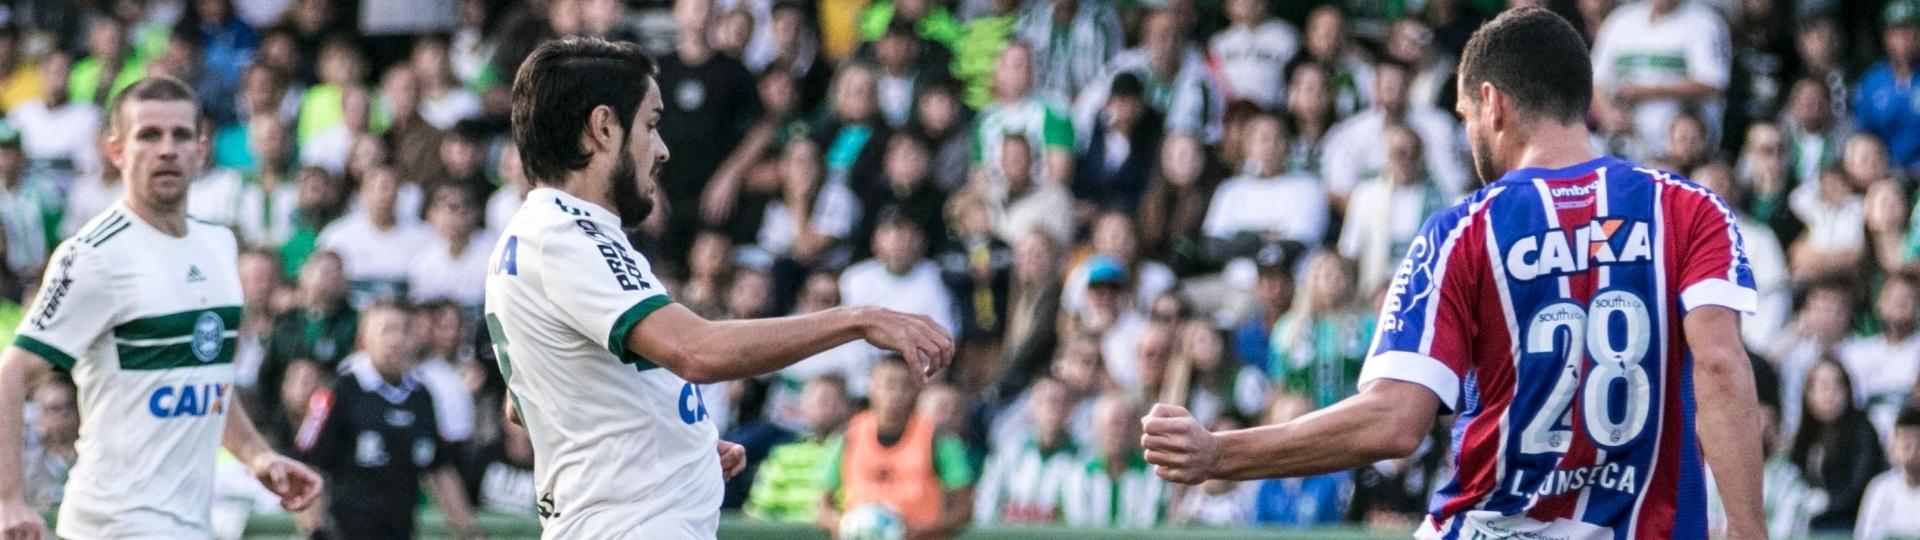 Tiago Real e Lucas Fonseca disputam bola na partida Coritiba x Bahia pelo Campeonato Brasileiro 2017